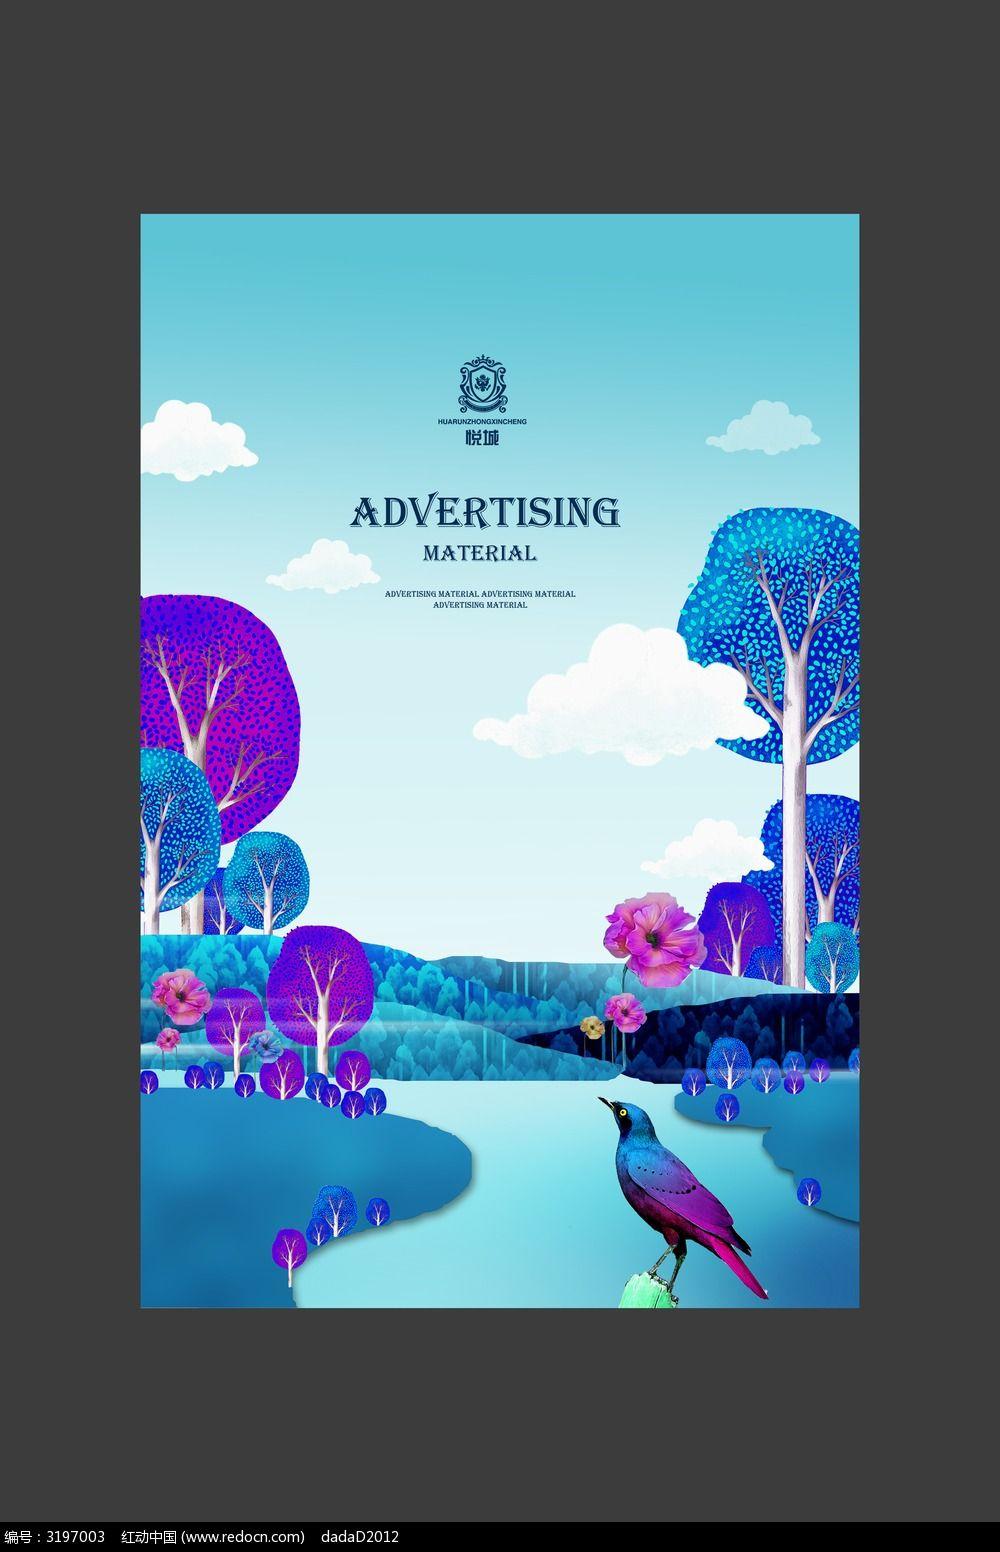 原创设计稿 海报设计/宣传单/广告牌 房地产广告 手绘房地产创意海报图片